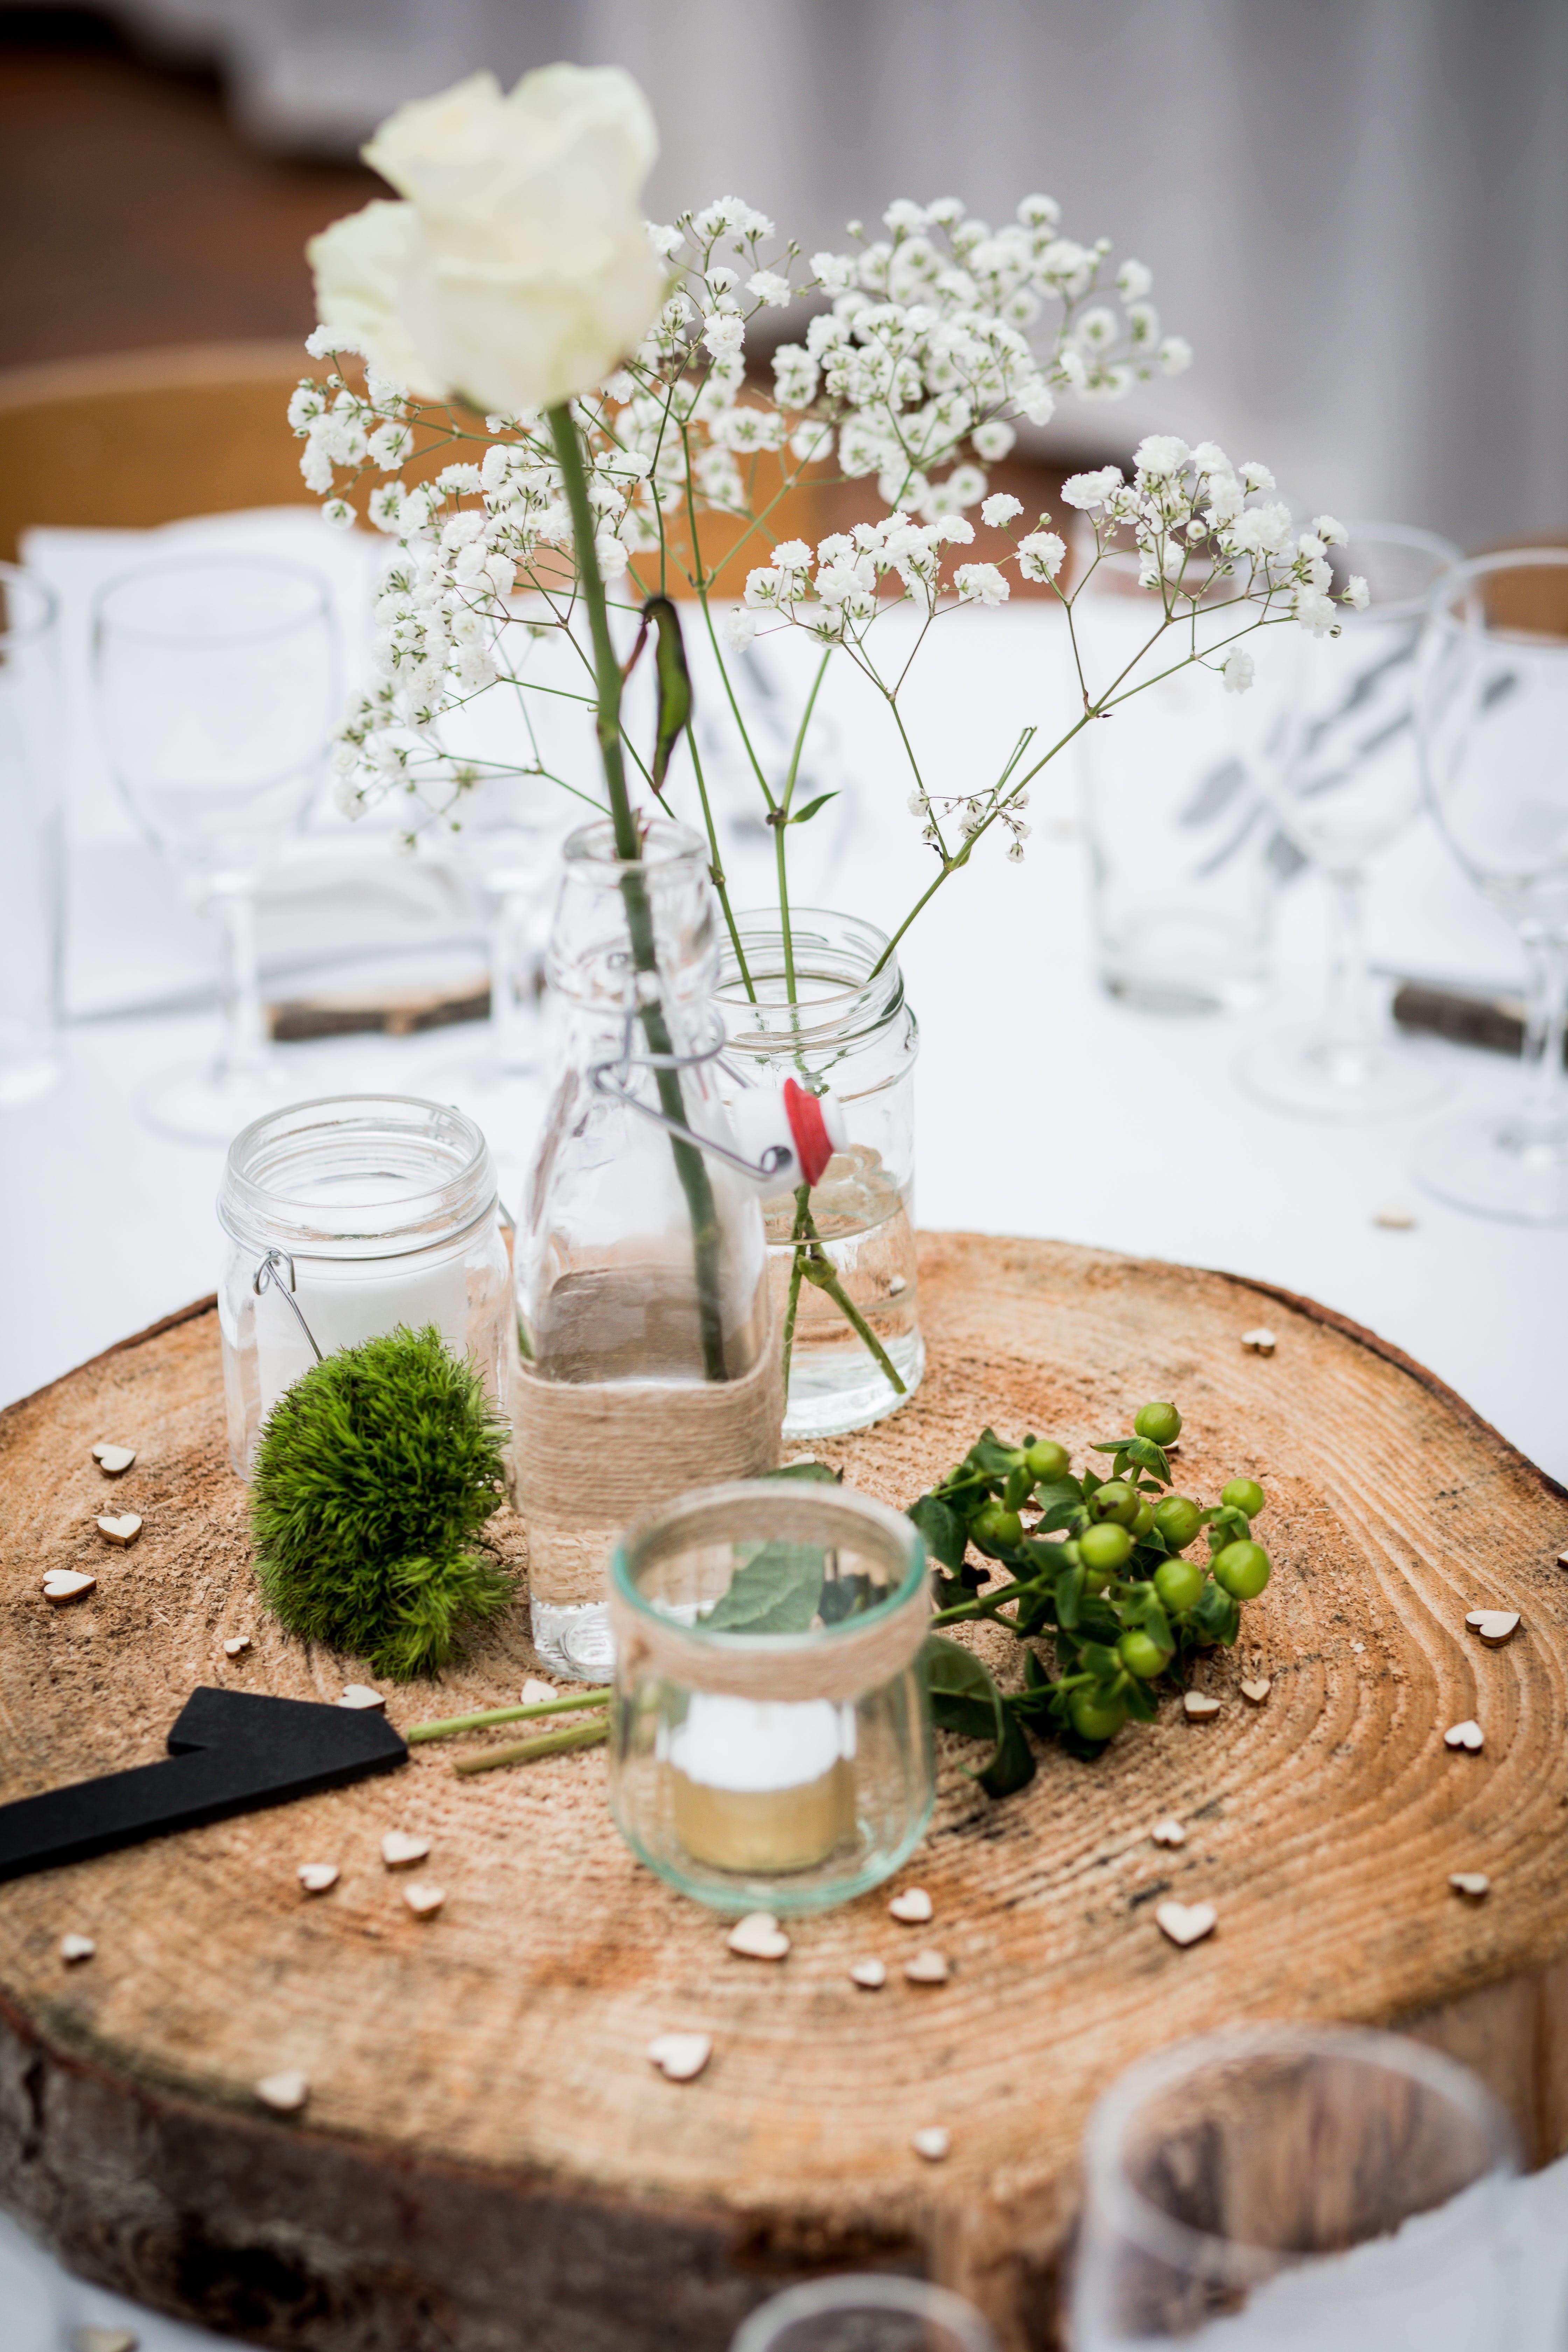 Kostnadsfri bild av blommor, burkar, glas, närbild